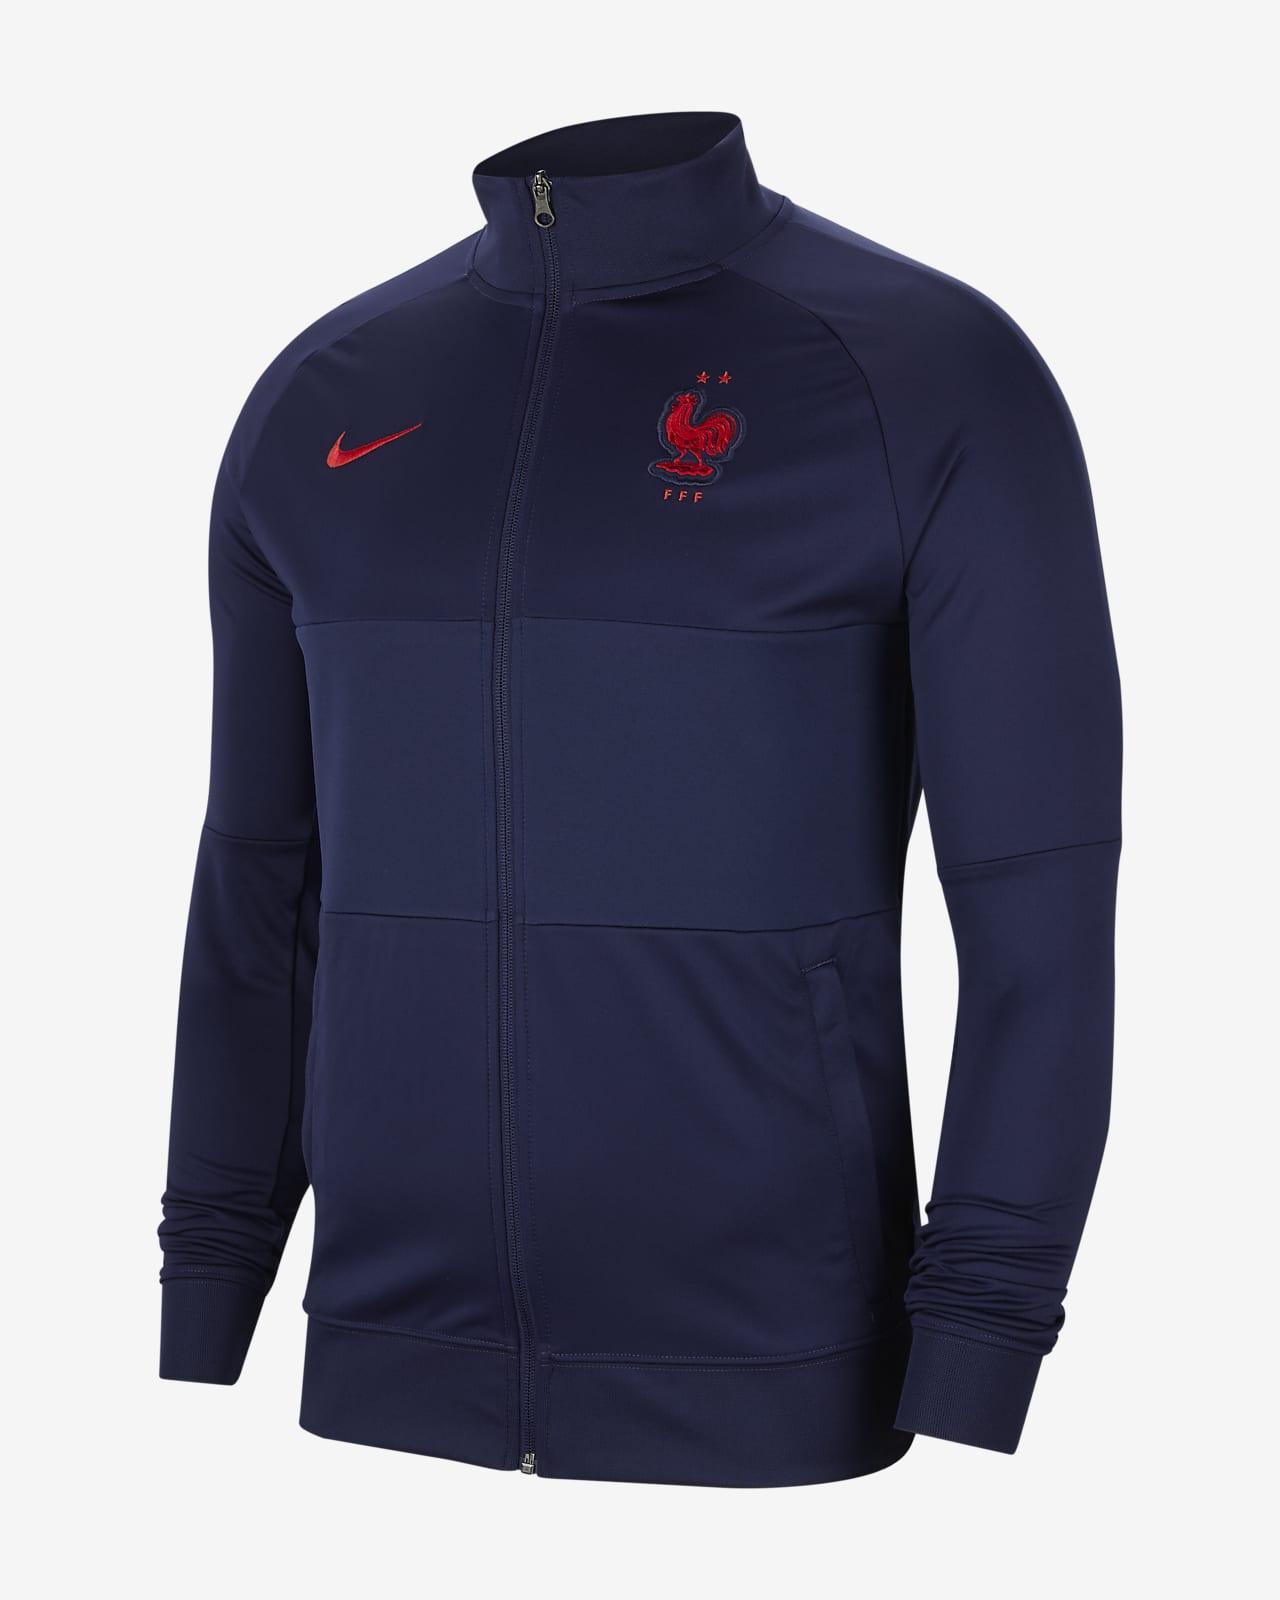 FFF Fußball-Track-Jacket für Herren